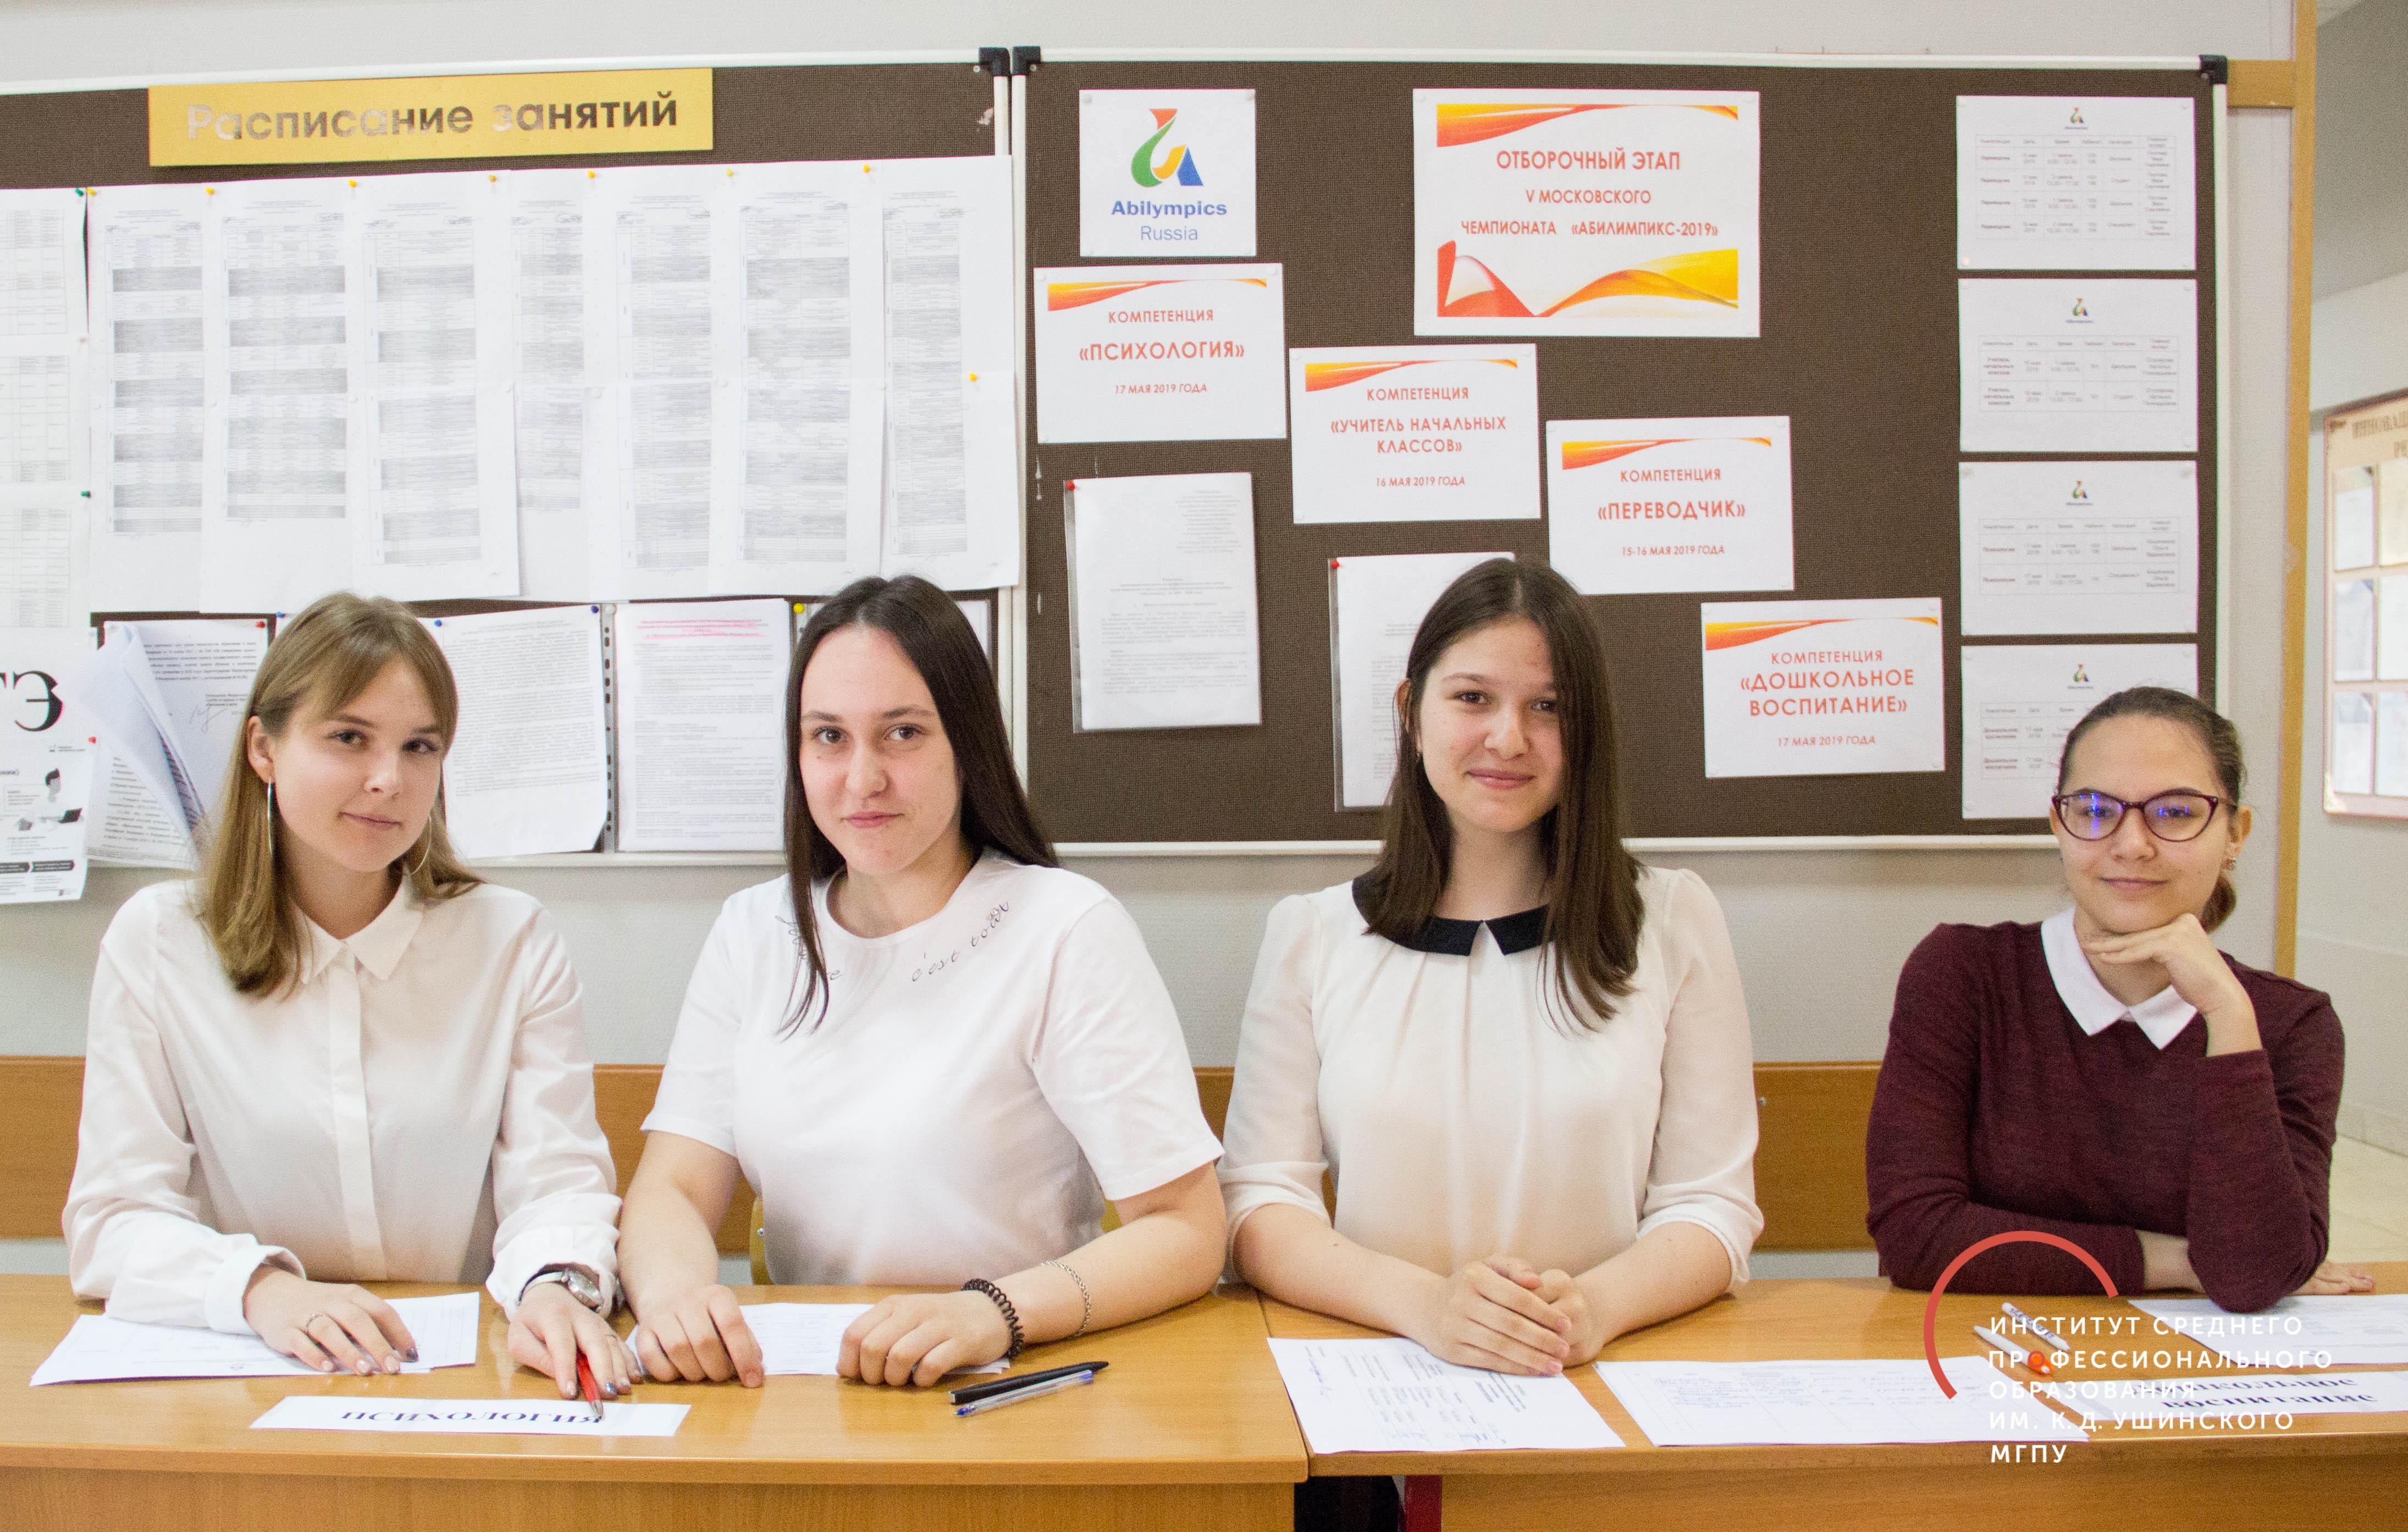 Итоги V Московского чемпионата «Абилимпикс-2019»